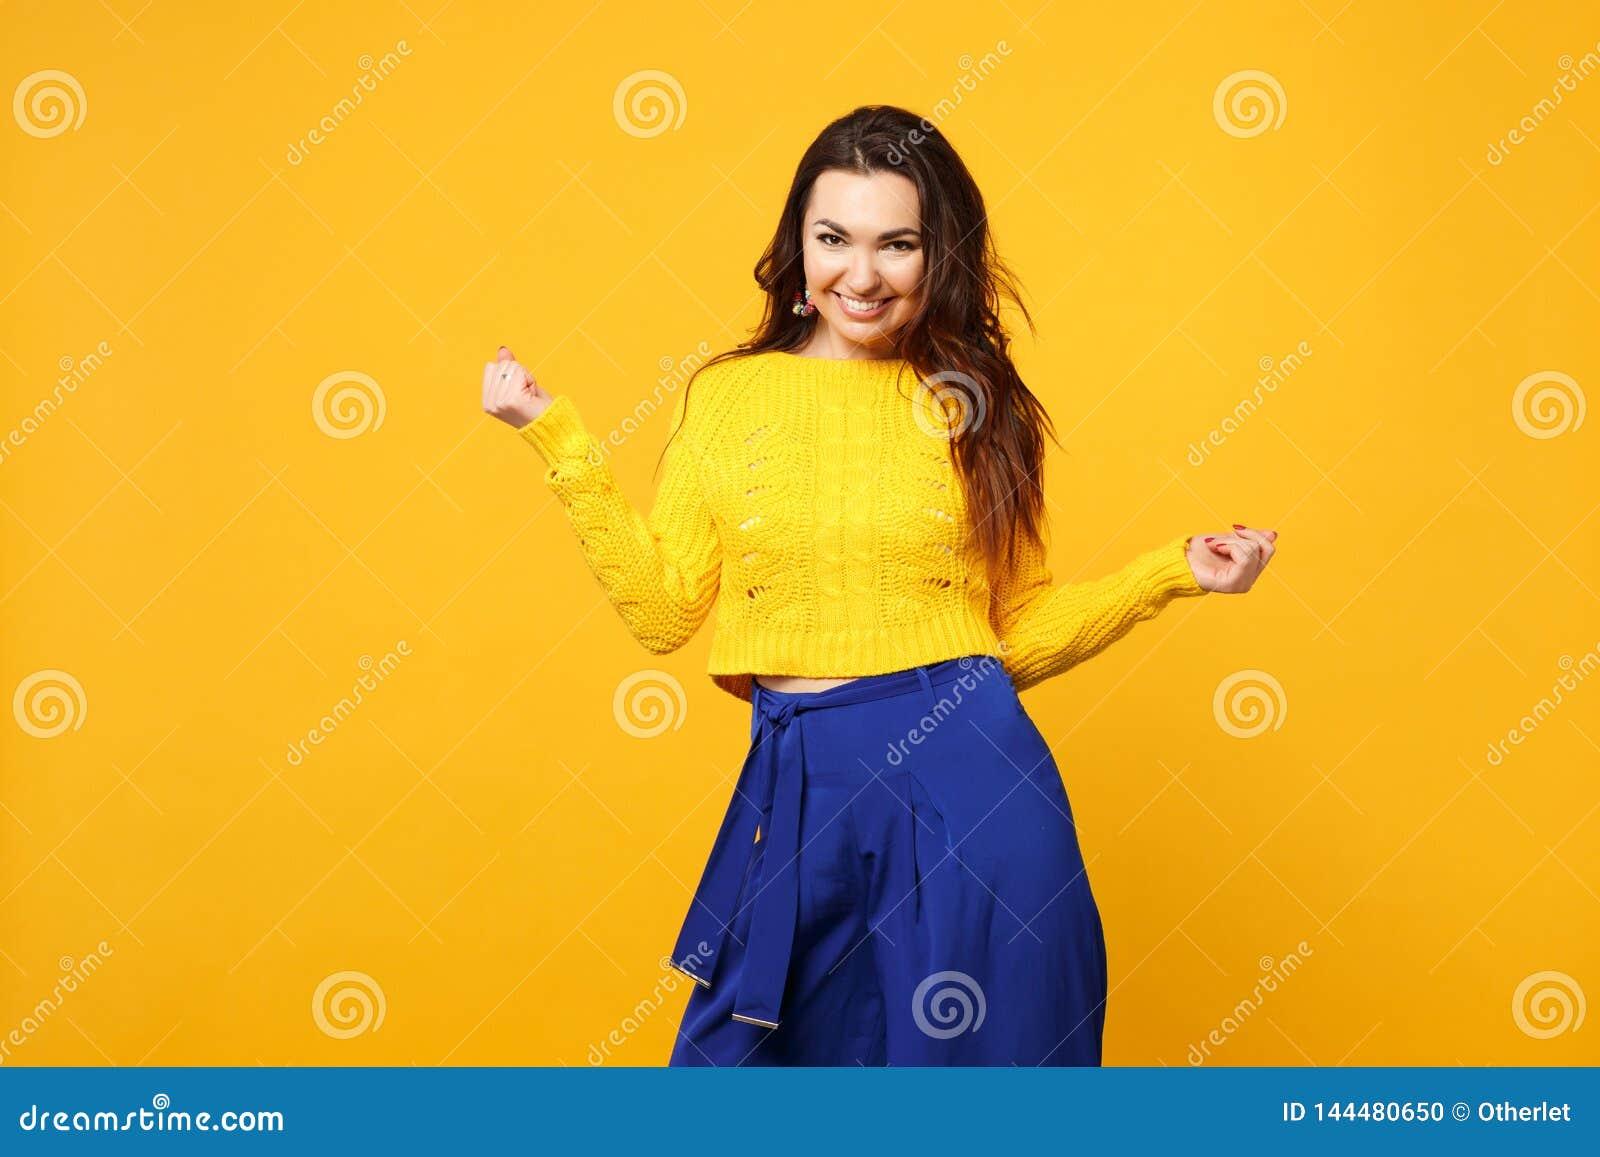 Πορτρέτο της αρκετά νέας γυναίκας στο πουλόβερ, μπλε παντελόνι που φαίνεται κάμερα, χέρια διάδοσης που απομονώνονται στο κίτρινο